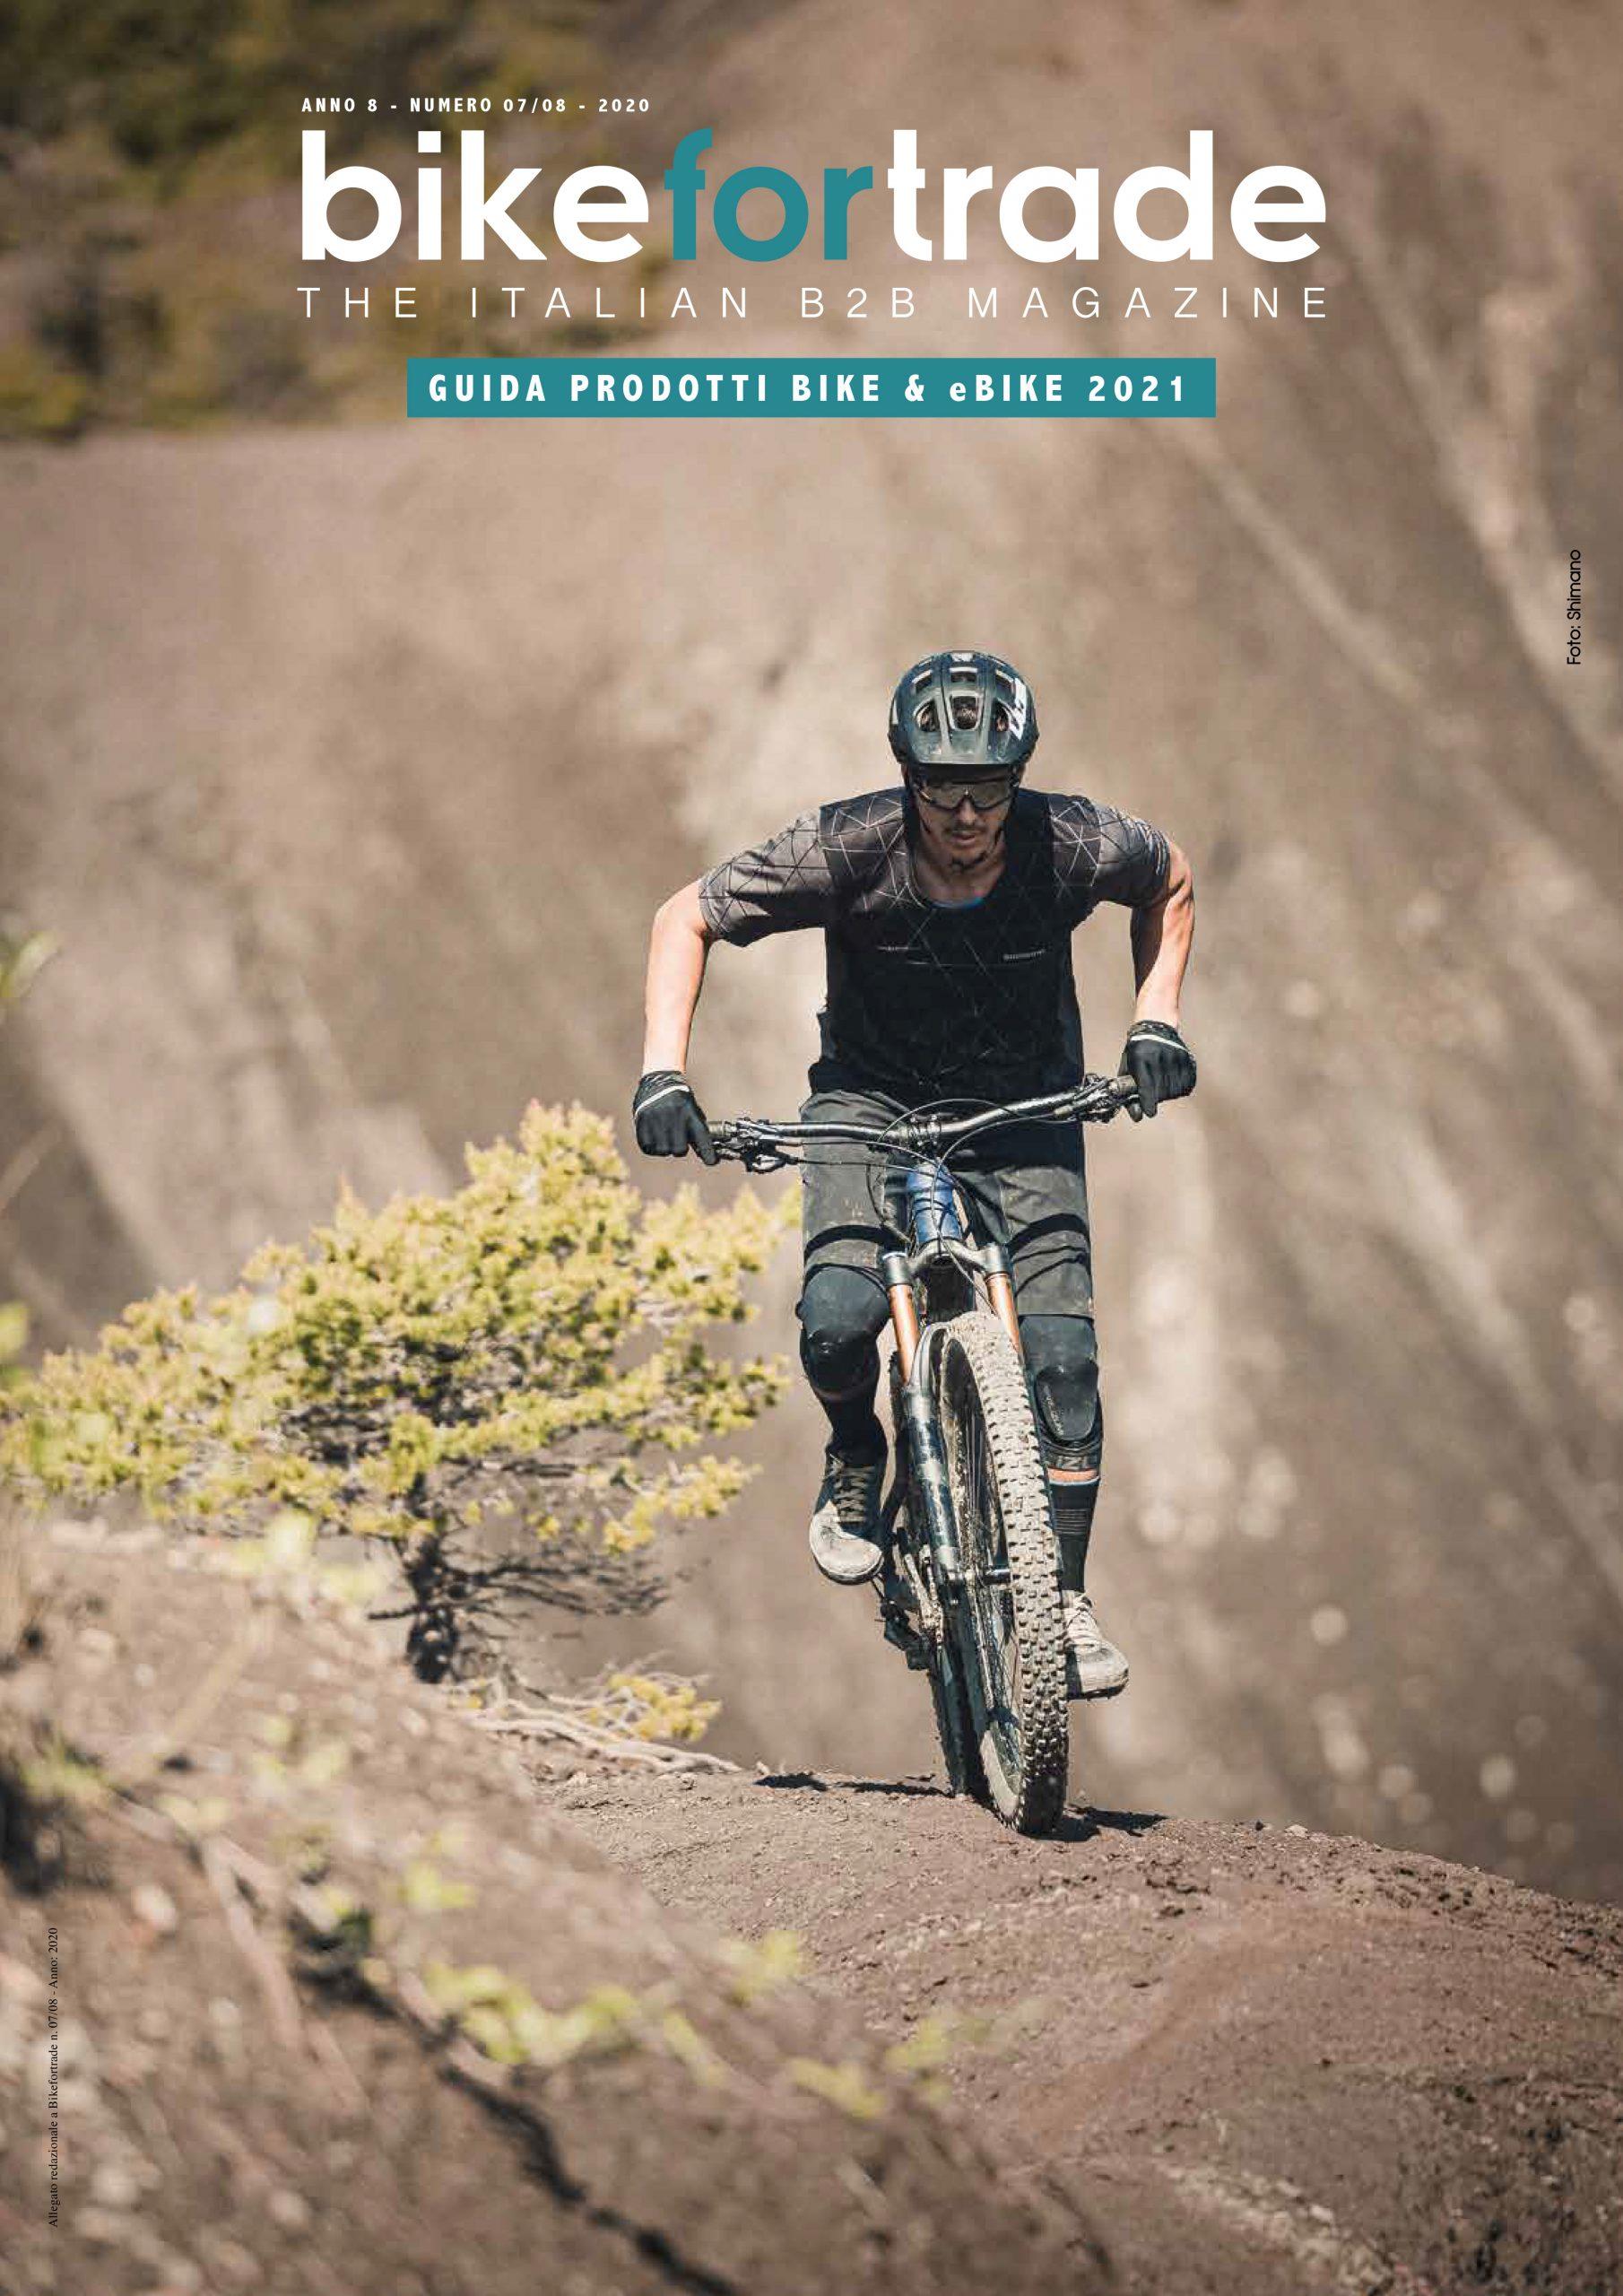 Guida prodotti Bike & eBike 2021